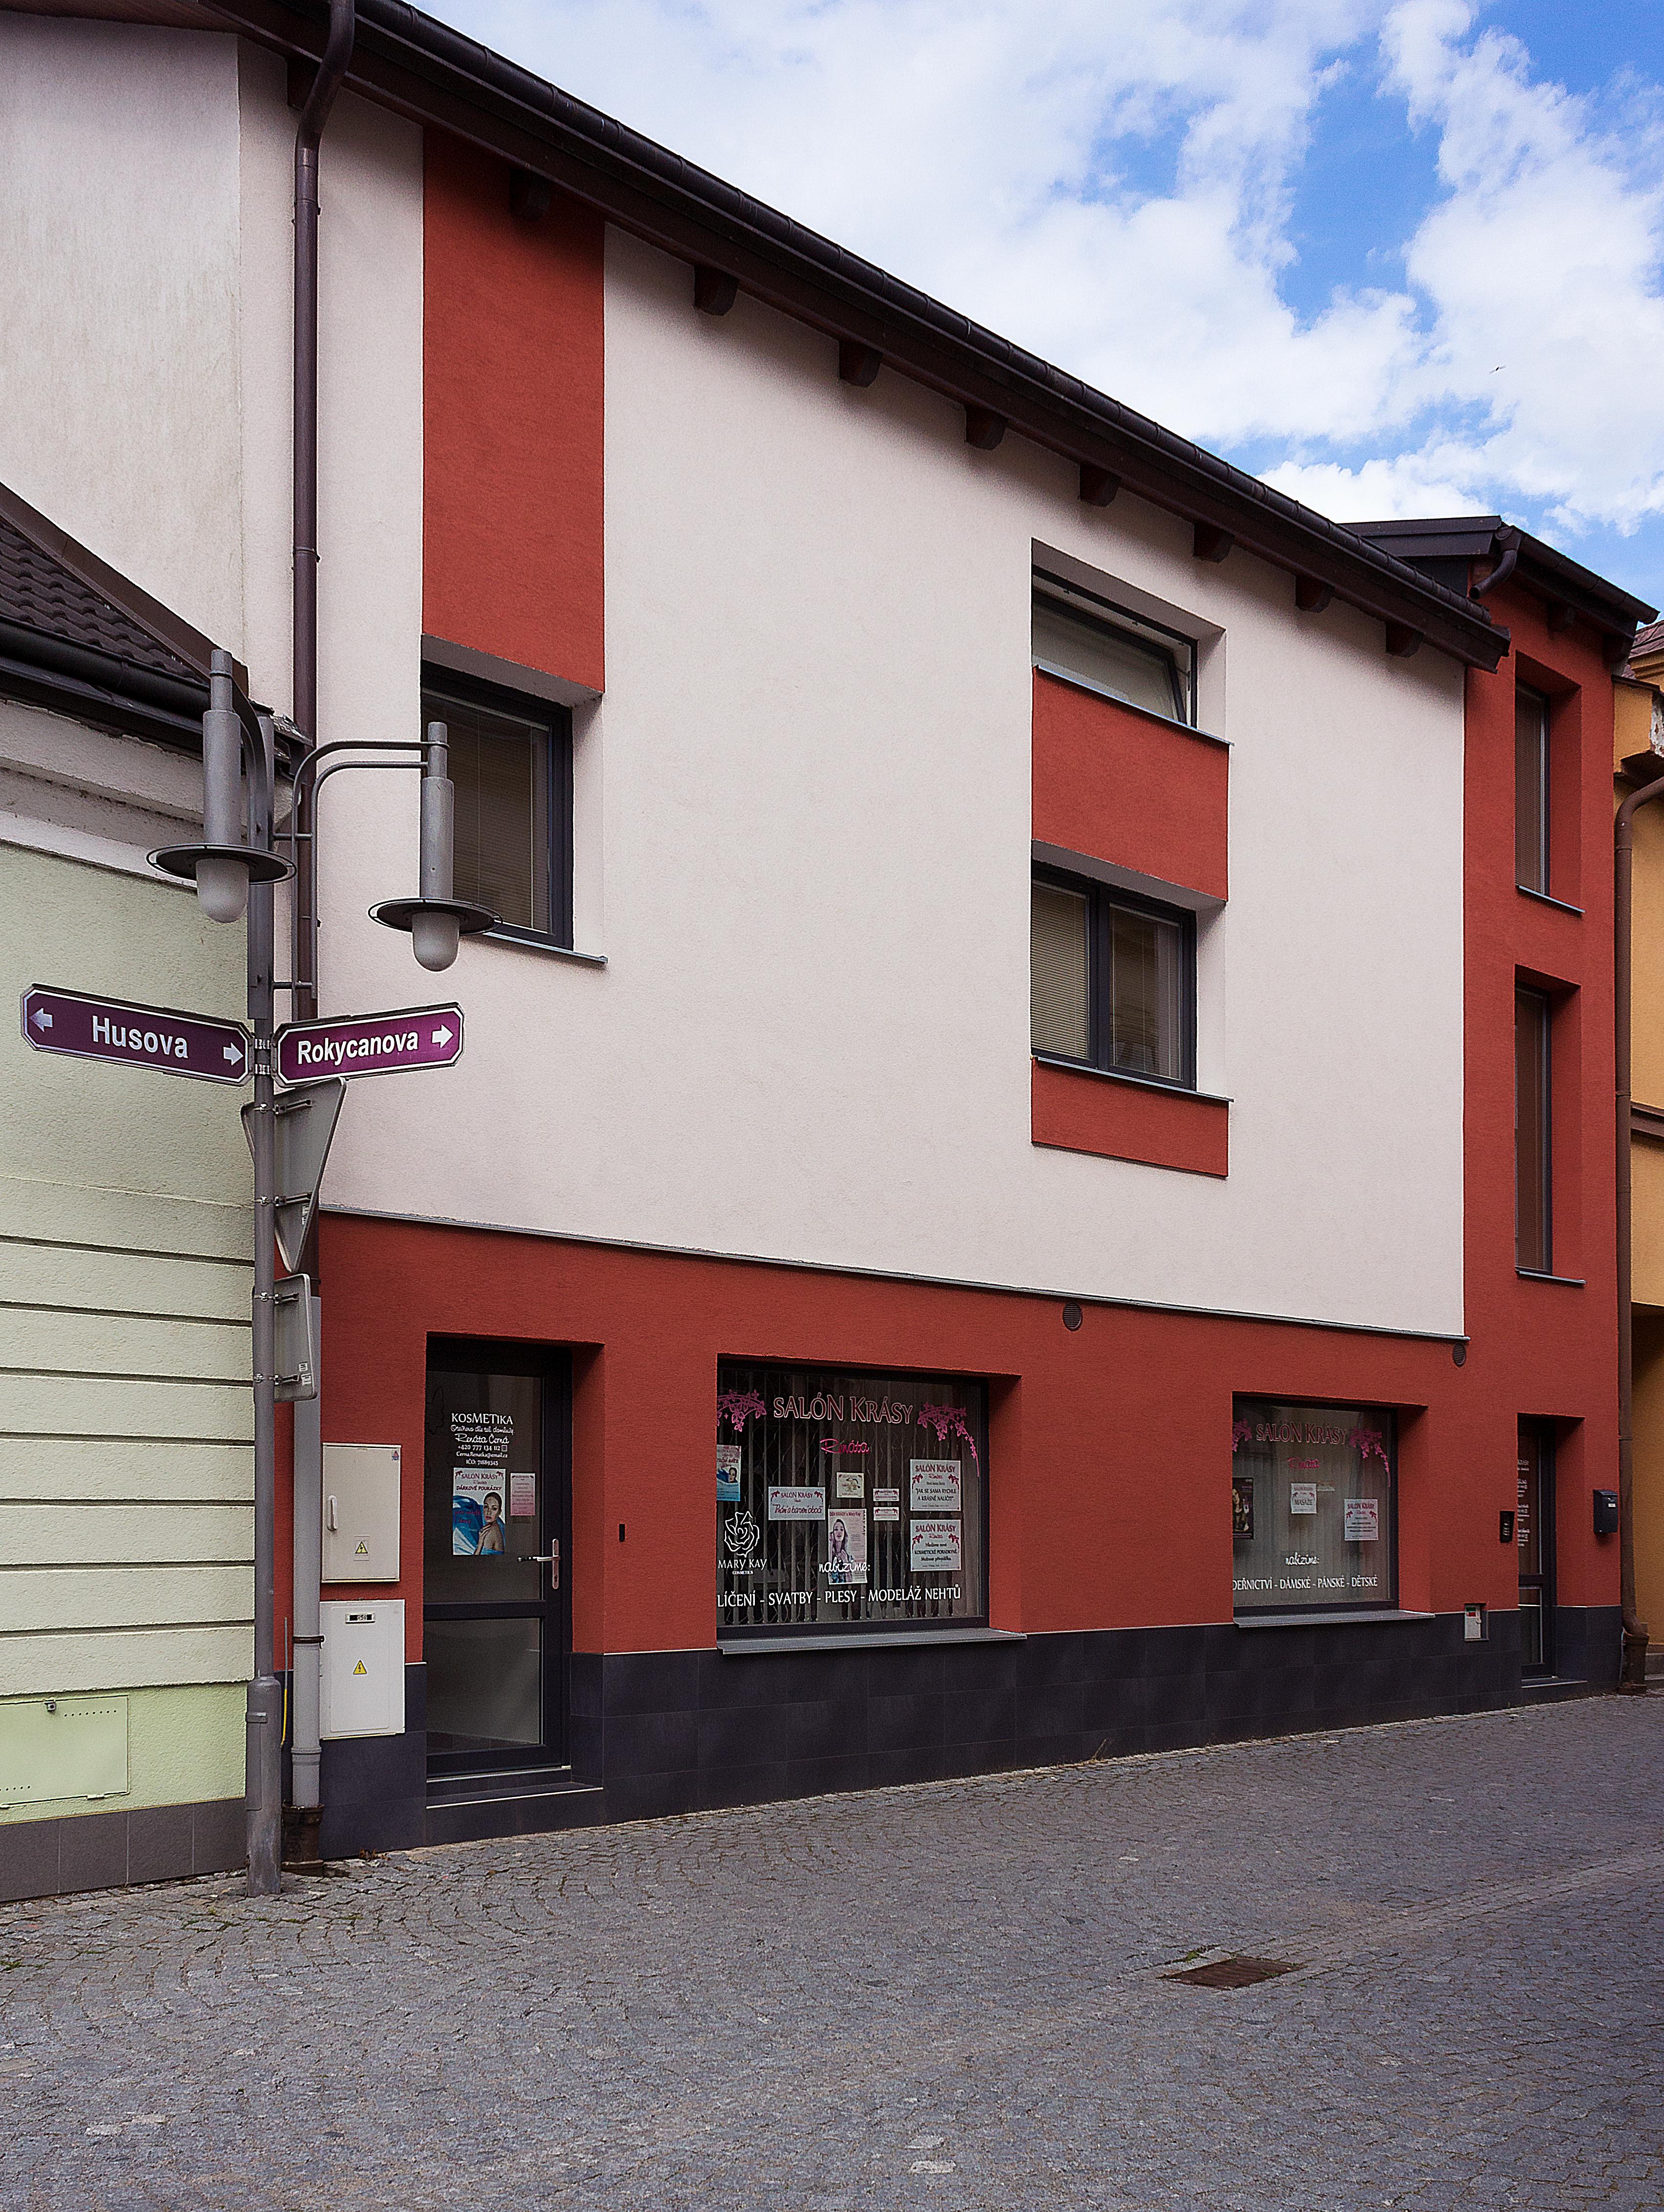 Cely Byt 2 Kk Apartamentos Para Alugar Em Hlinsko Pardubicky Kraj Tchequia